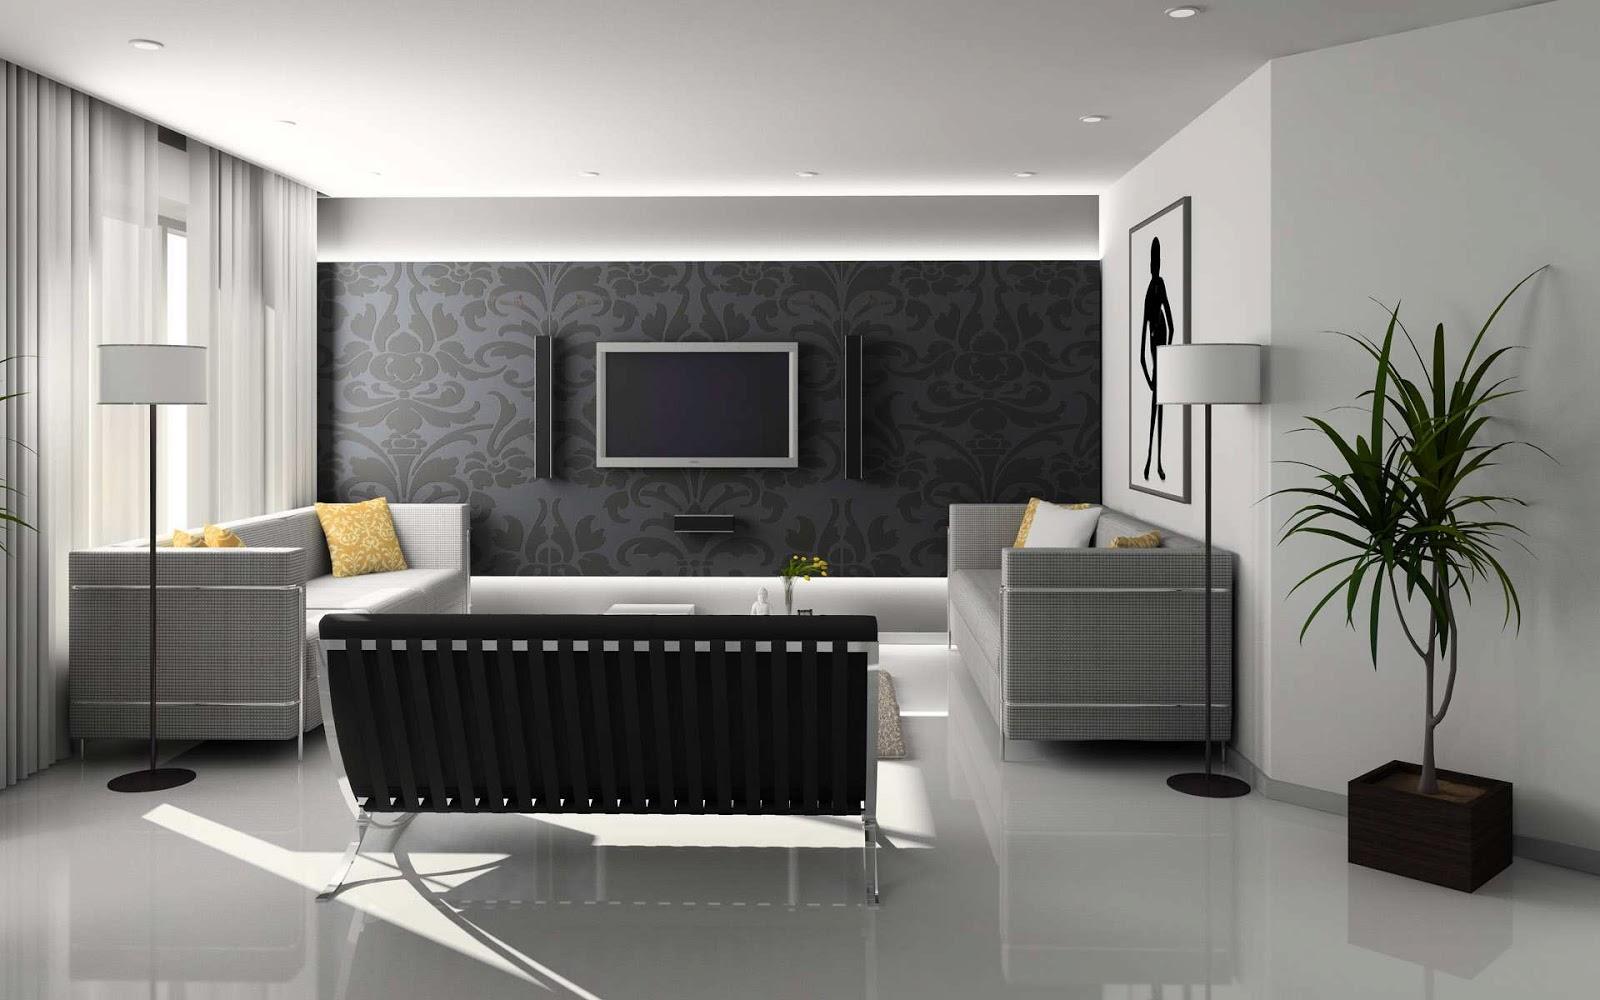 Interior Design Ideas, Interior Designs, Home Design Ideas ...